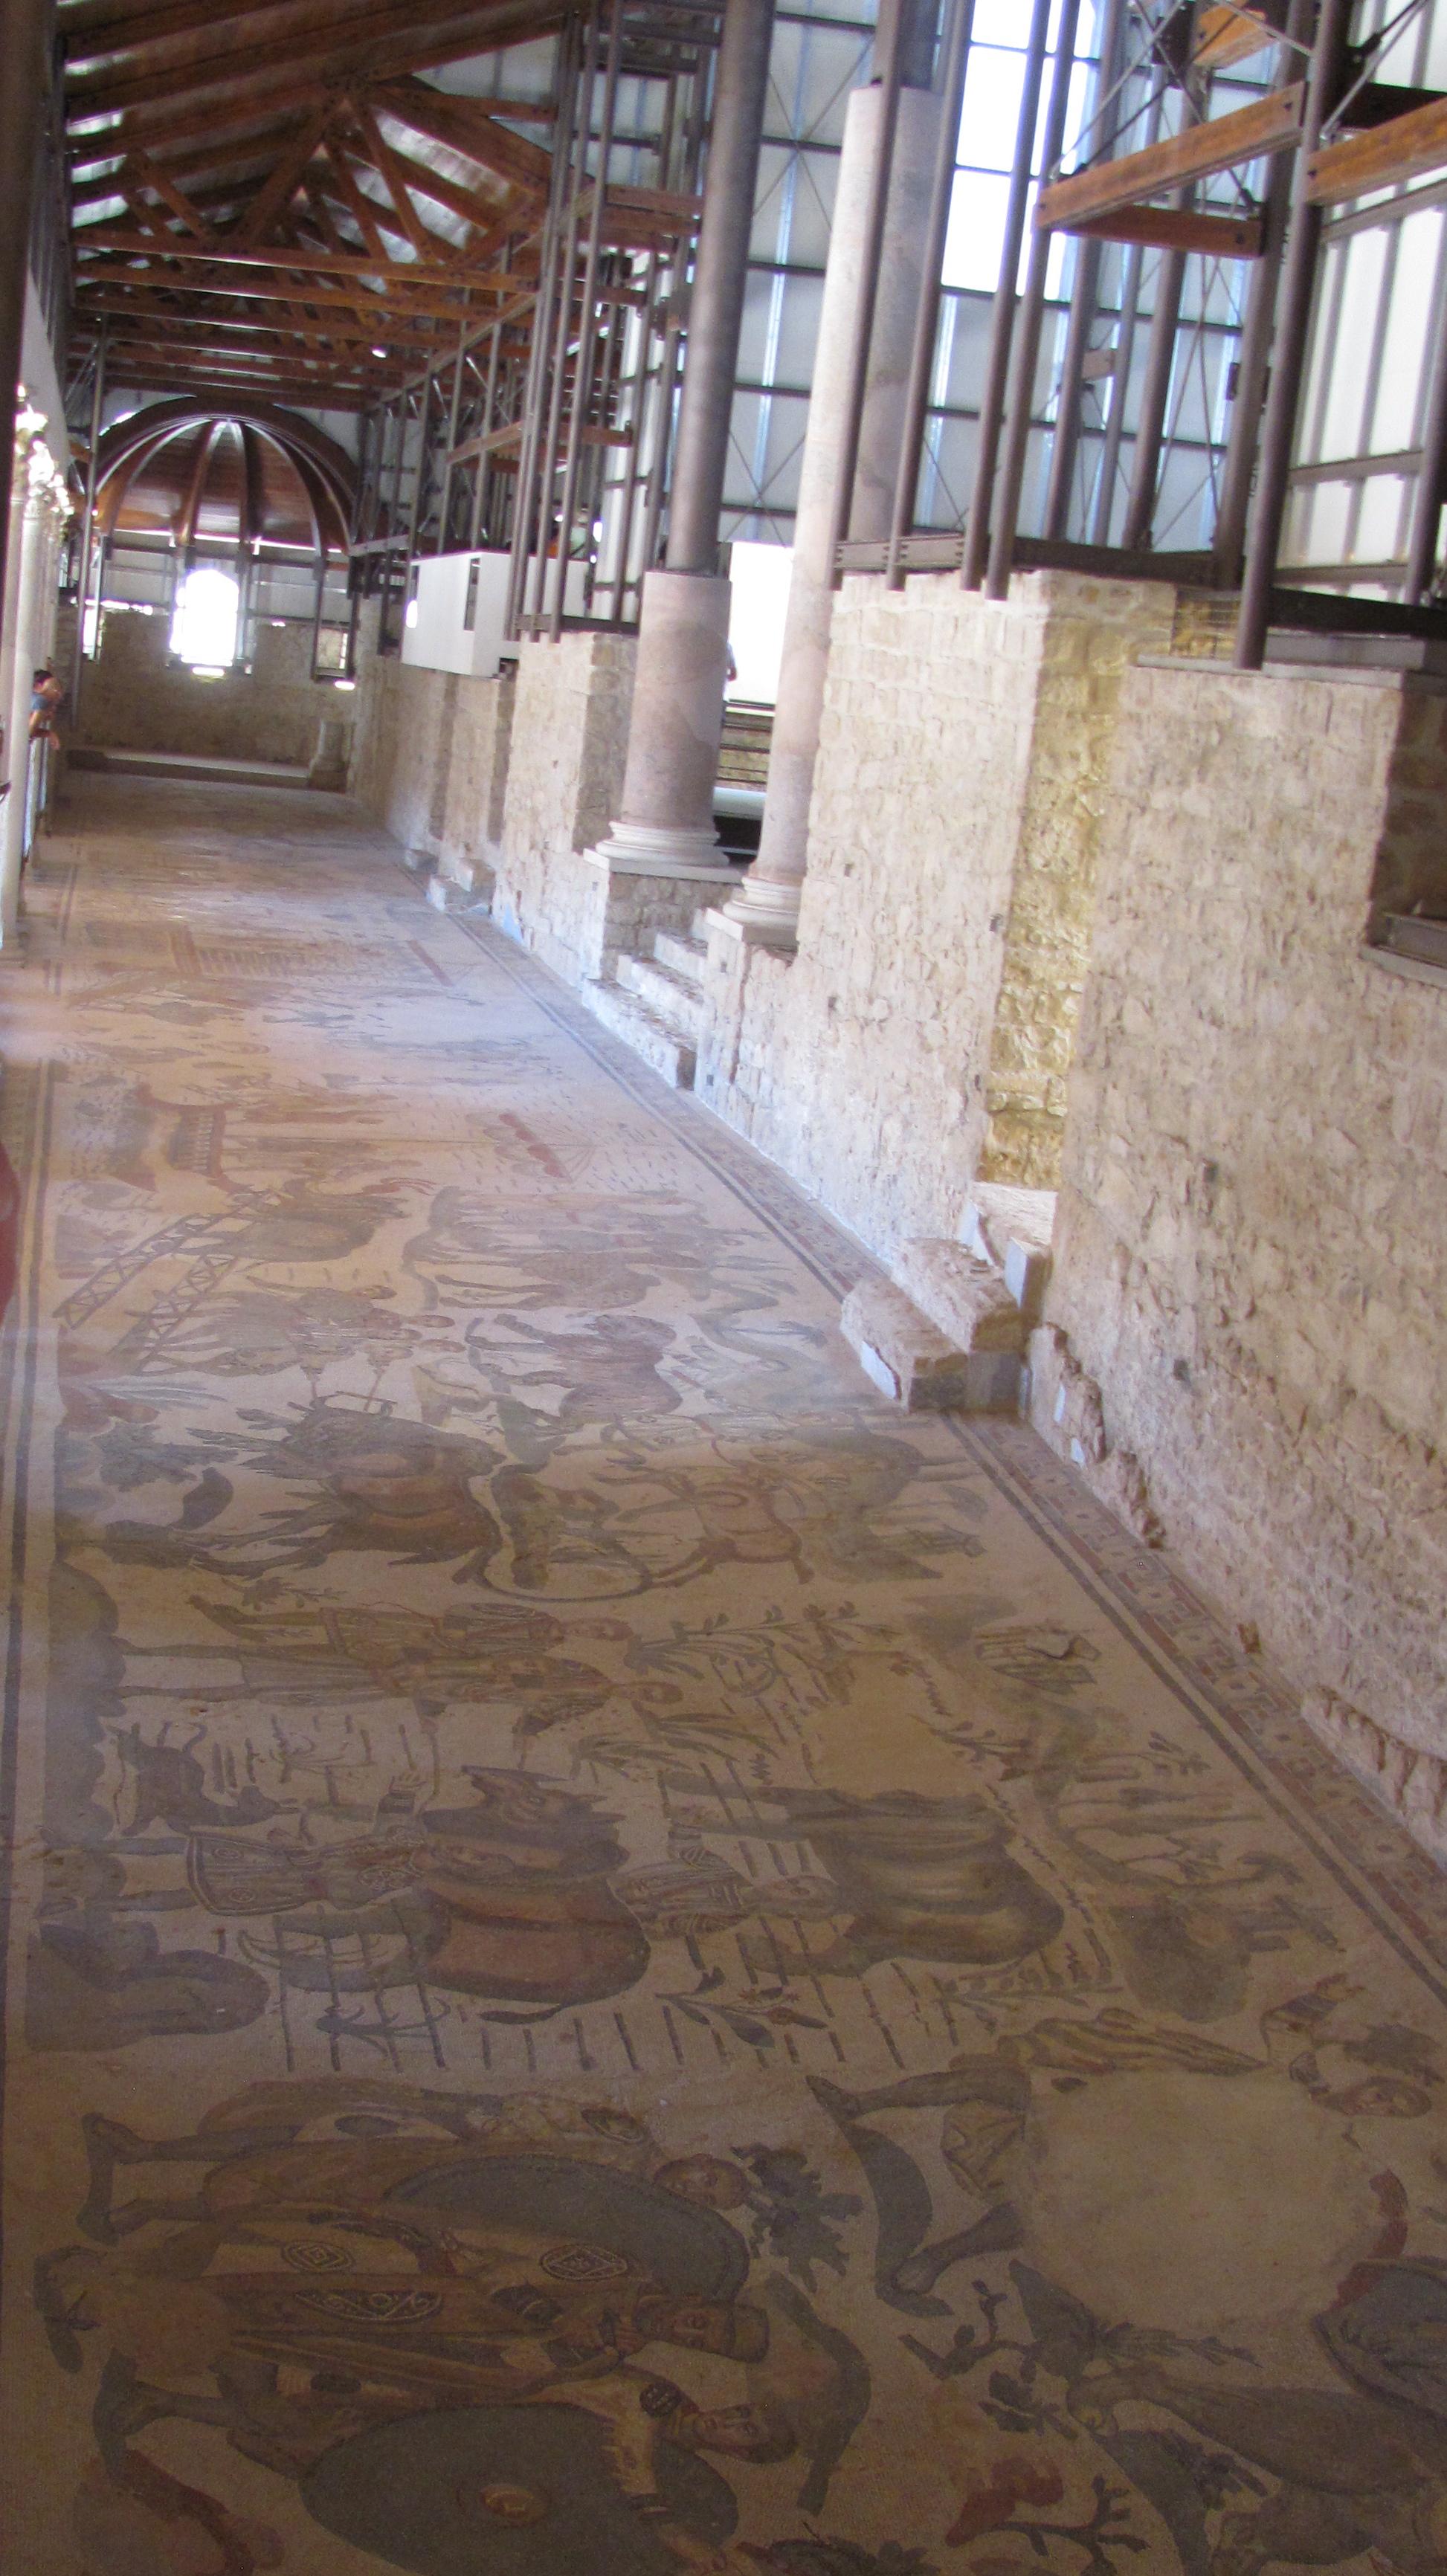 Mosaic Floor, Villa del Casale